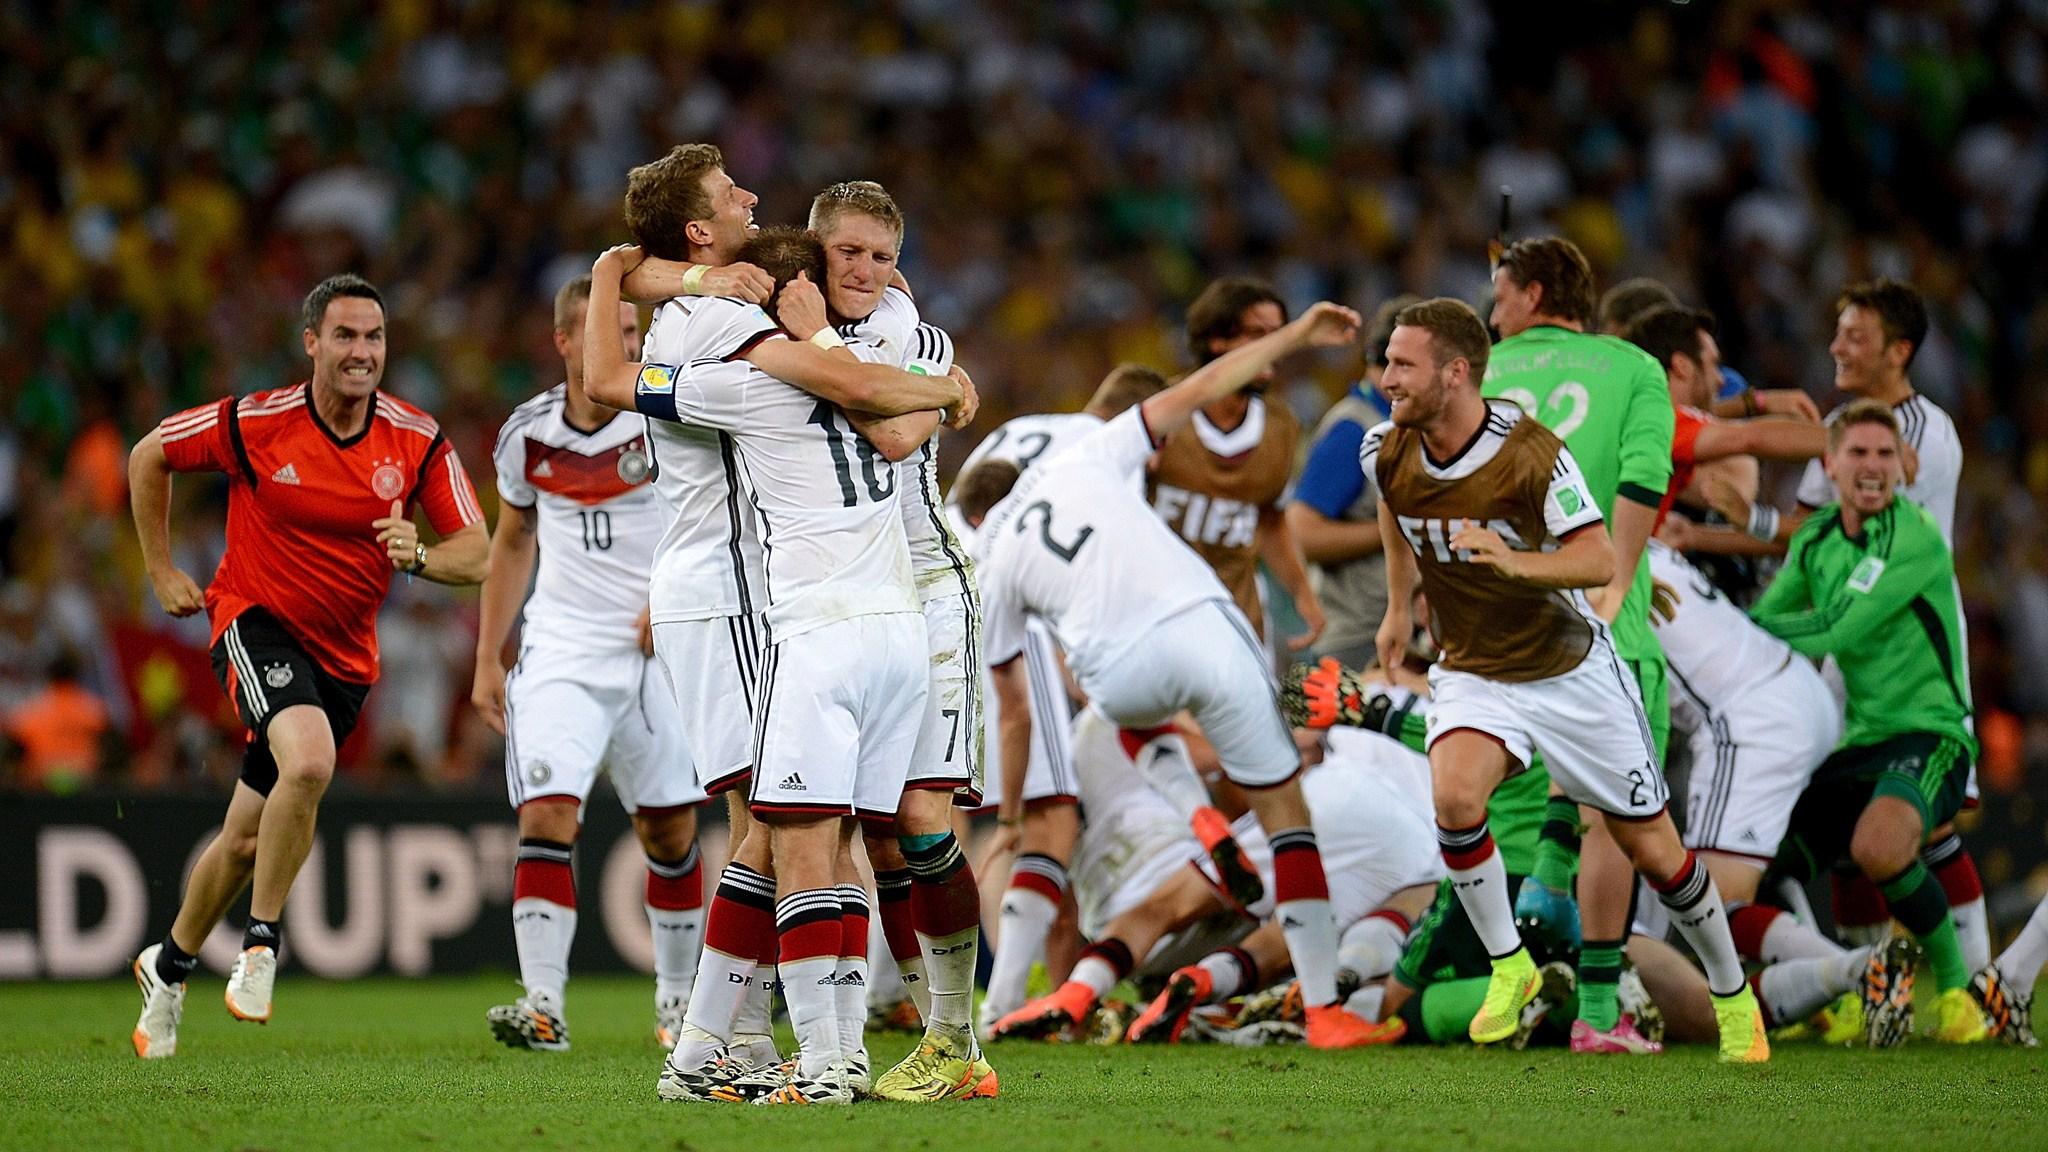 Фото сборной Германии по футболу чм 2014